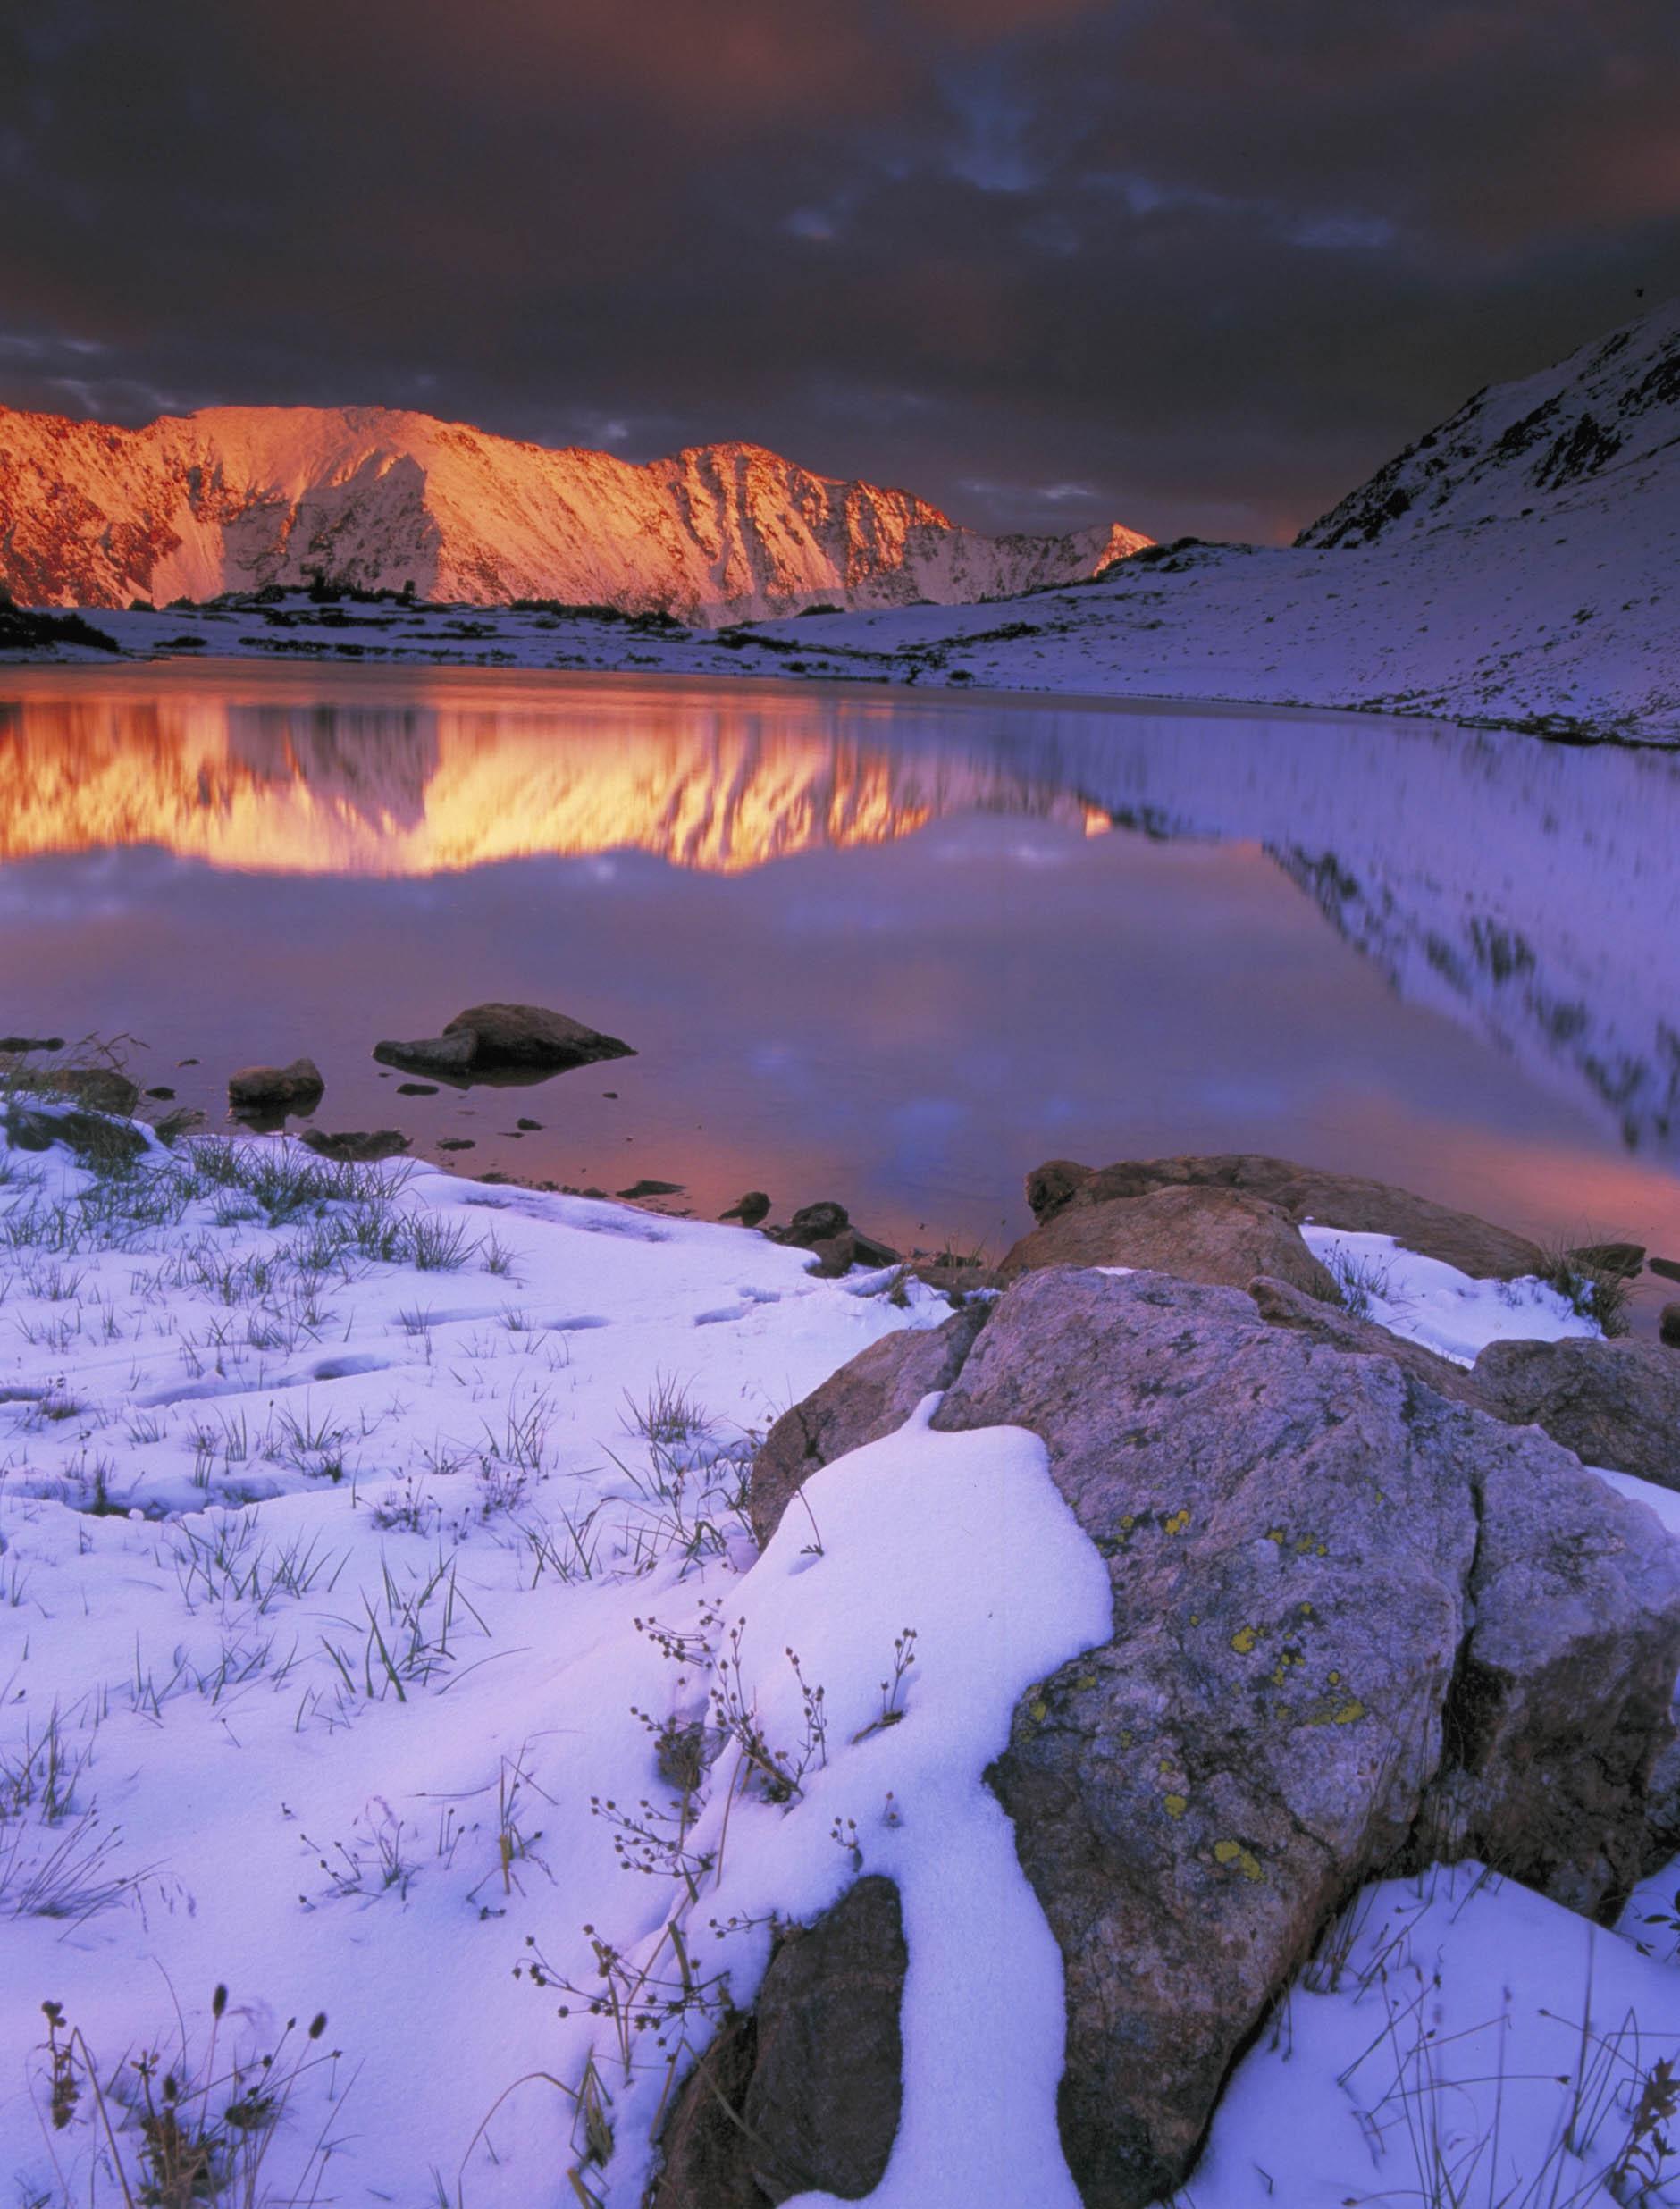 Loveland_winter_V